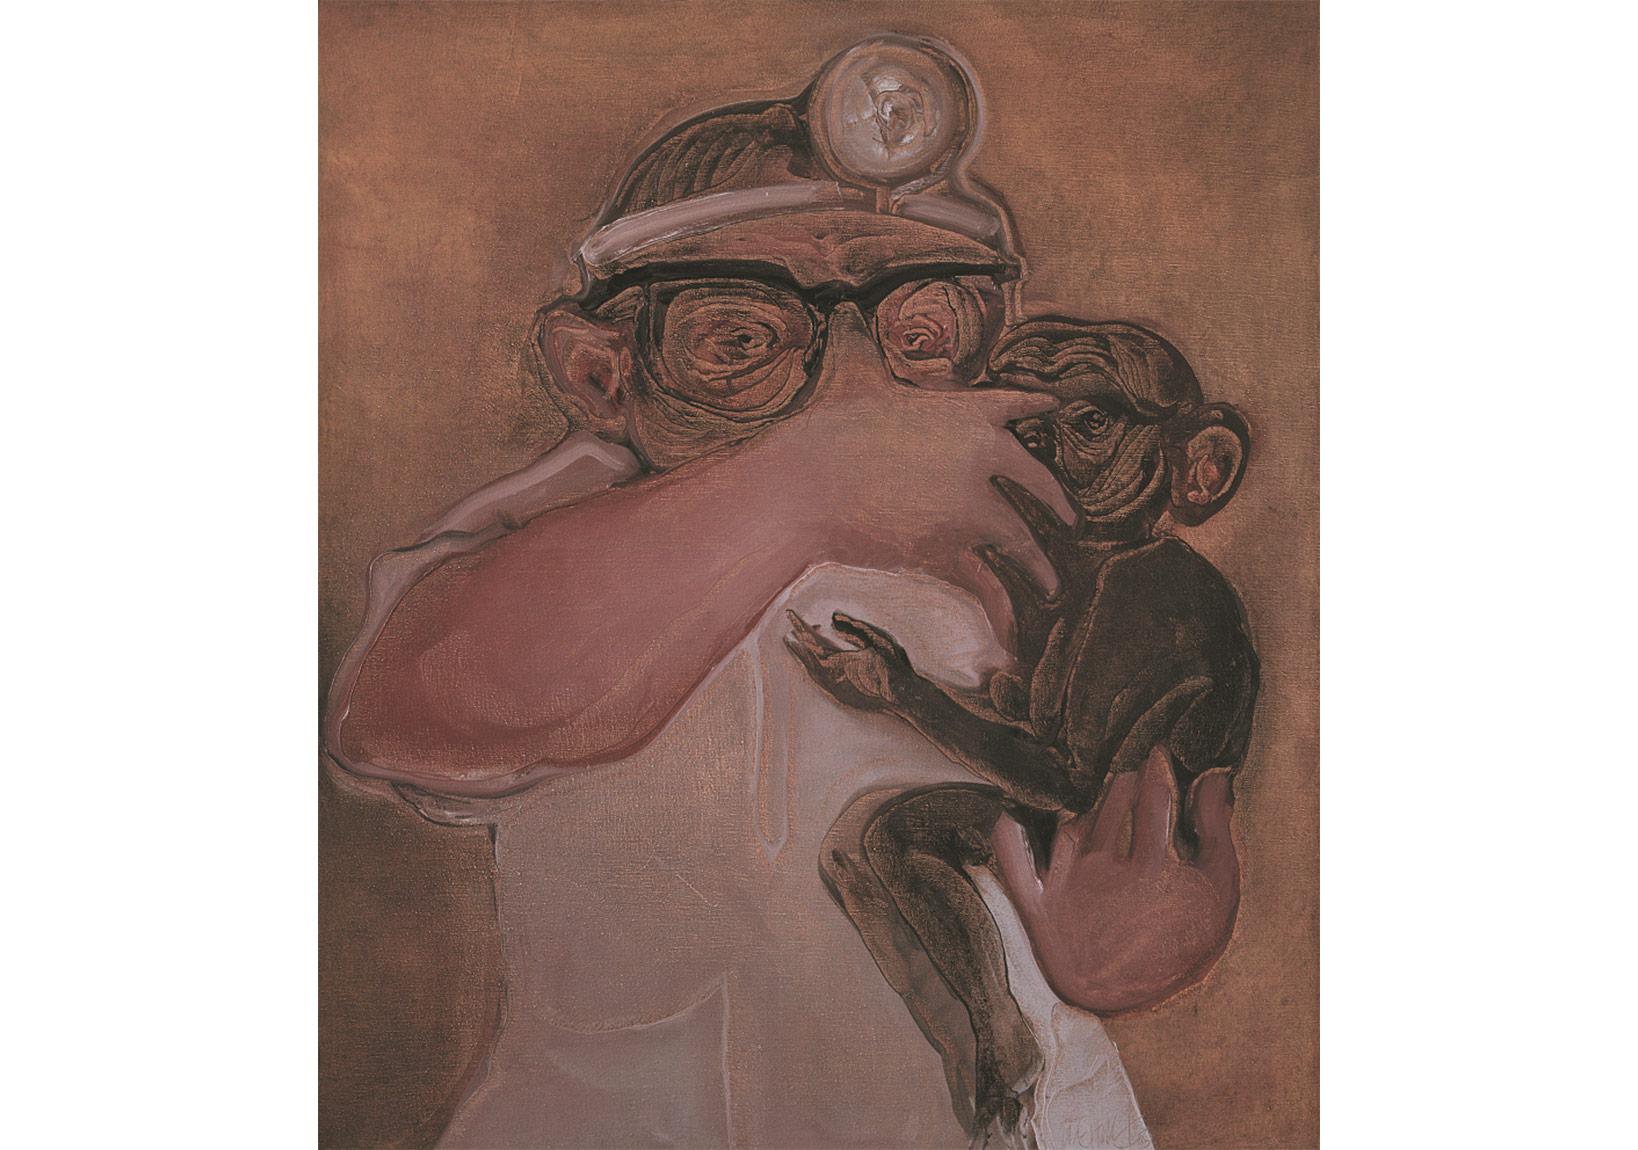 Doktorla Maymun,Tuval üzerine yağlıboya,74 x 65 cm,Dr. Nejat F. Eczacıbaşı Vakfı Koleksiyonu